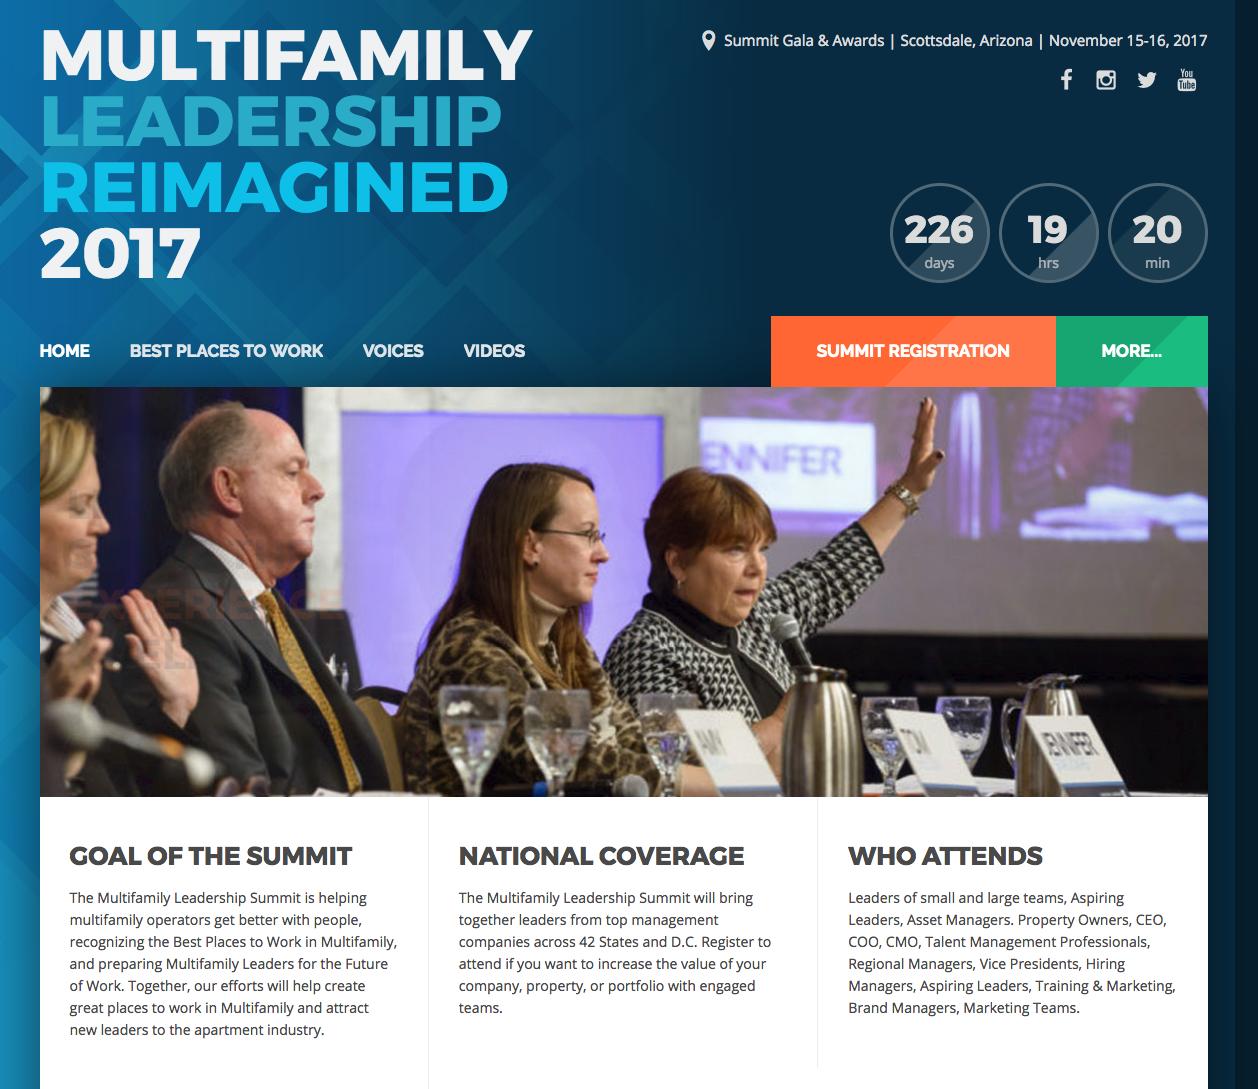 Multifamily Leadership Summit